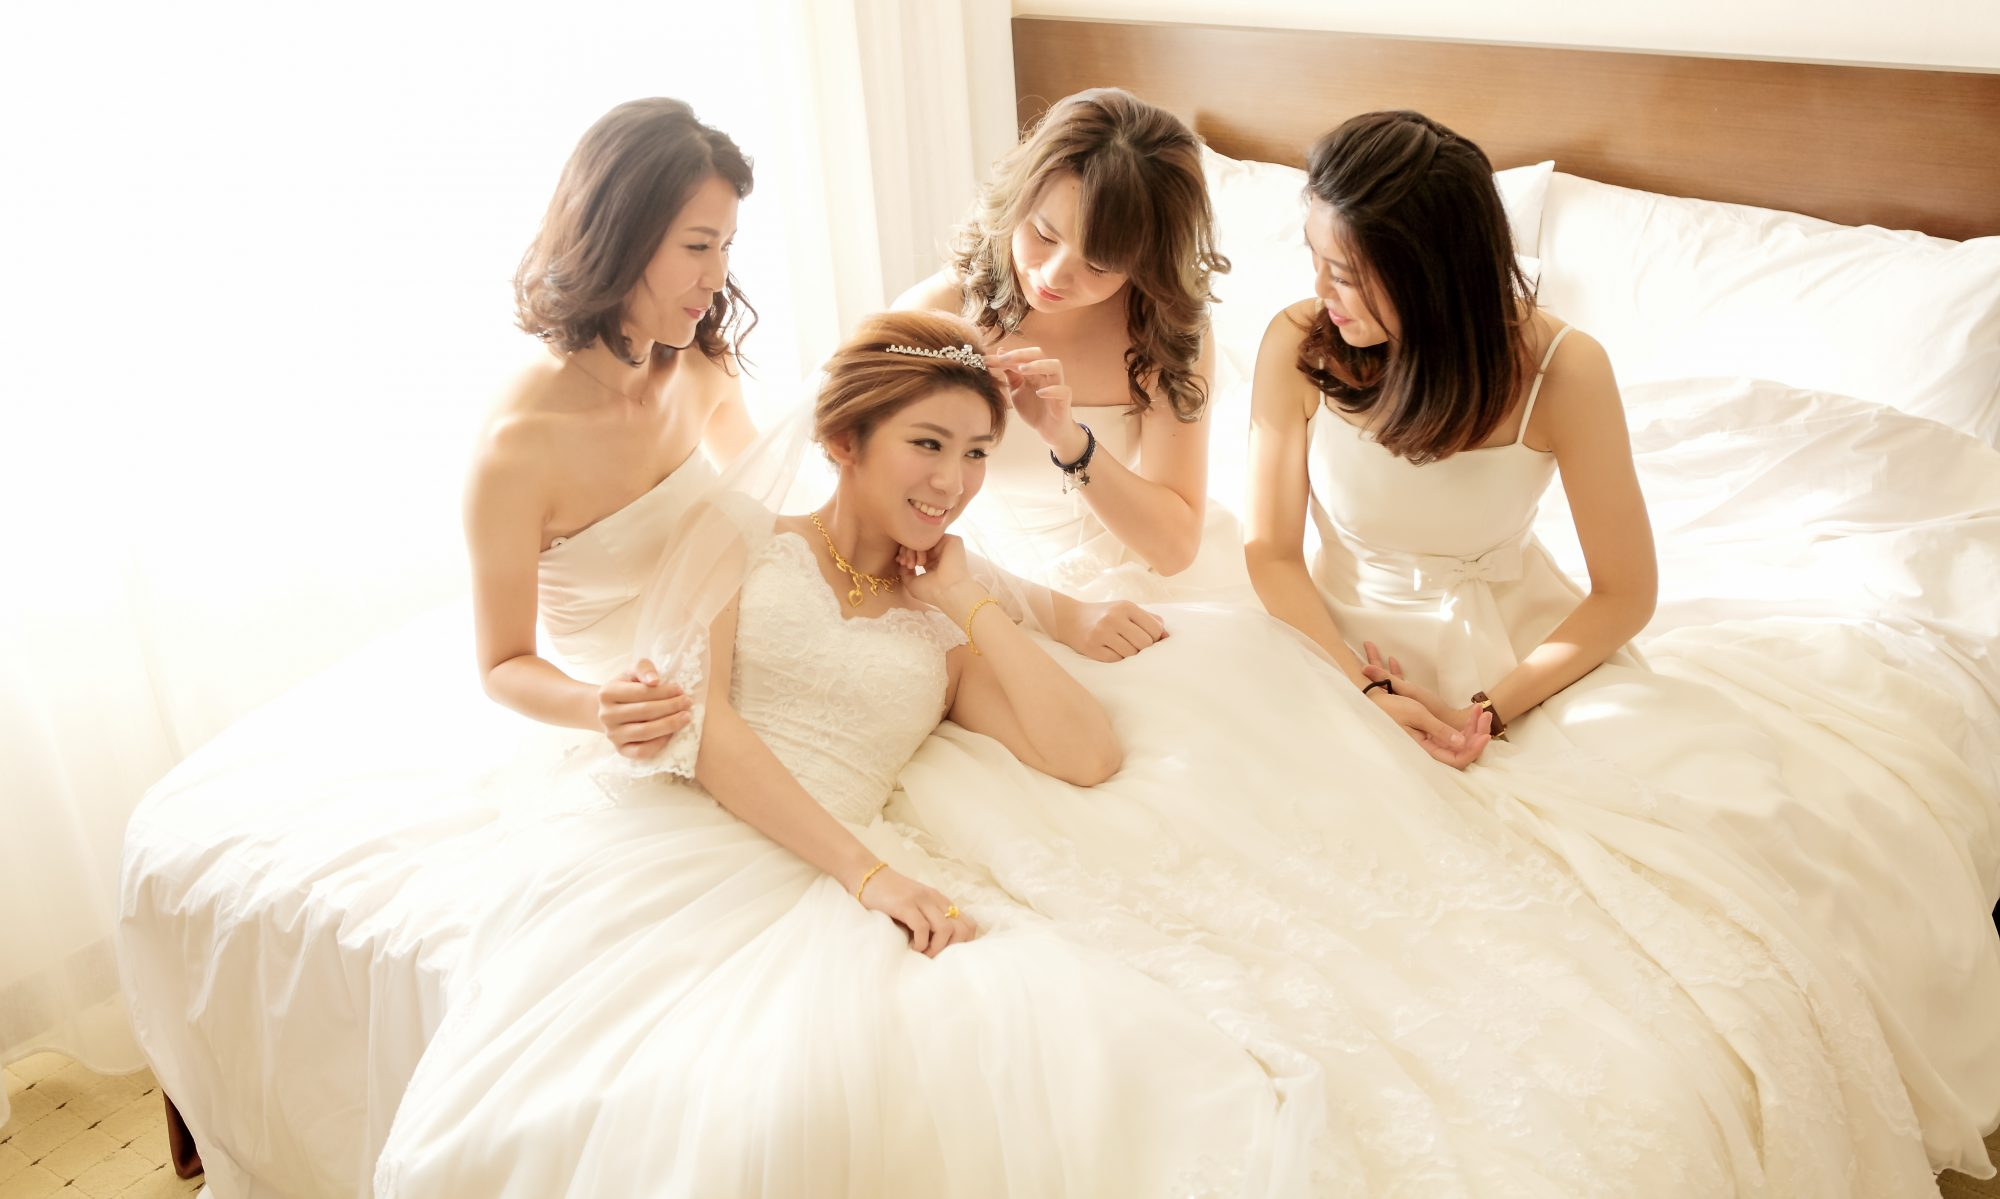 高雄婚攝CHAGE-婚攝推薦恰克-高雄自助婚紗與婚禮攝影工作室